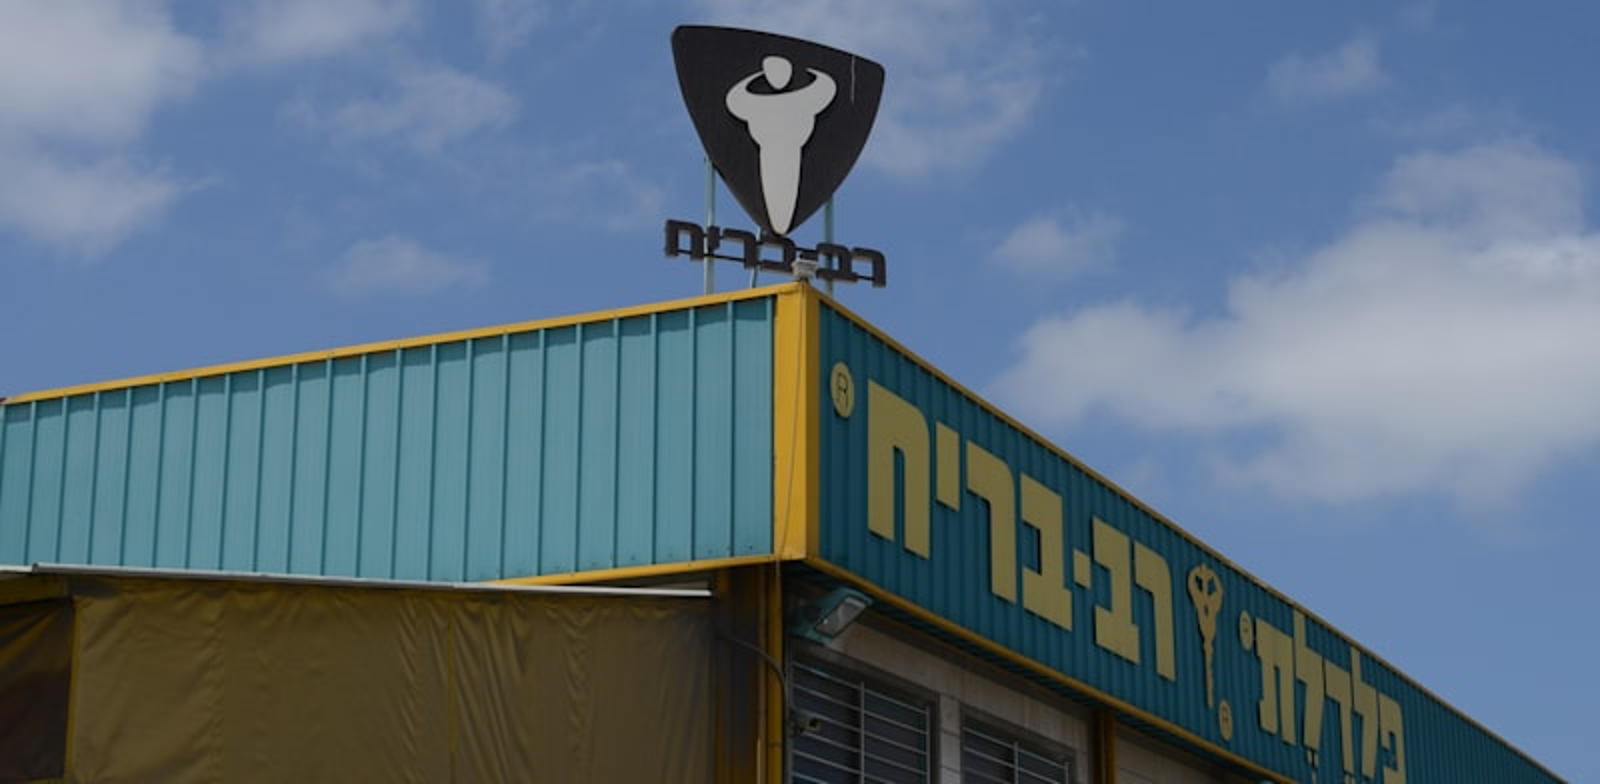 בנין רב-בריח אשקלון / צילום: איל יצהר